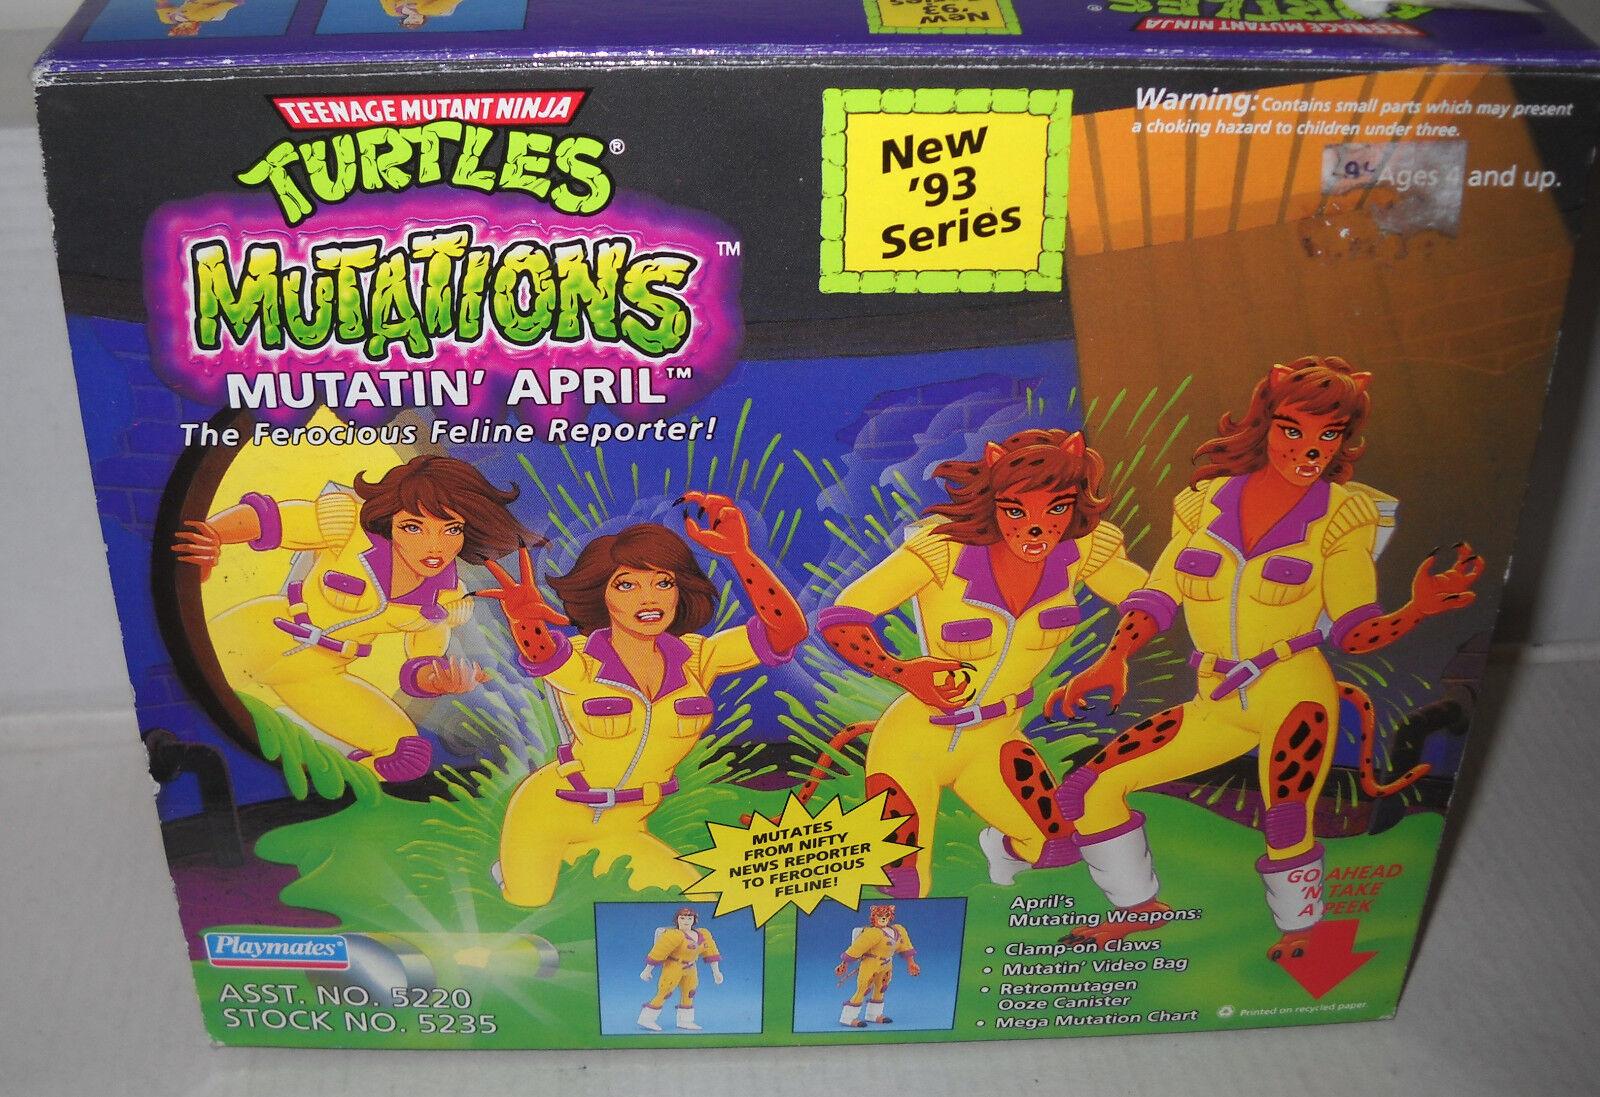 7376 NRFB Vintage Playmates Teenage Mutant Ninja Turtles Mutatin' April Figure